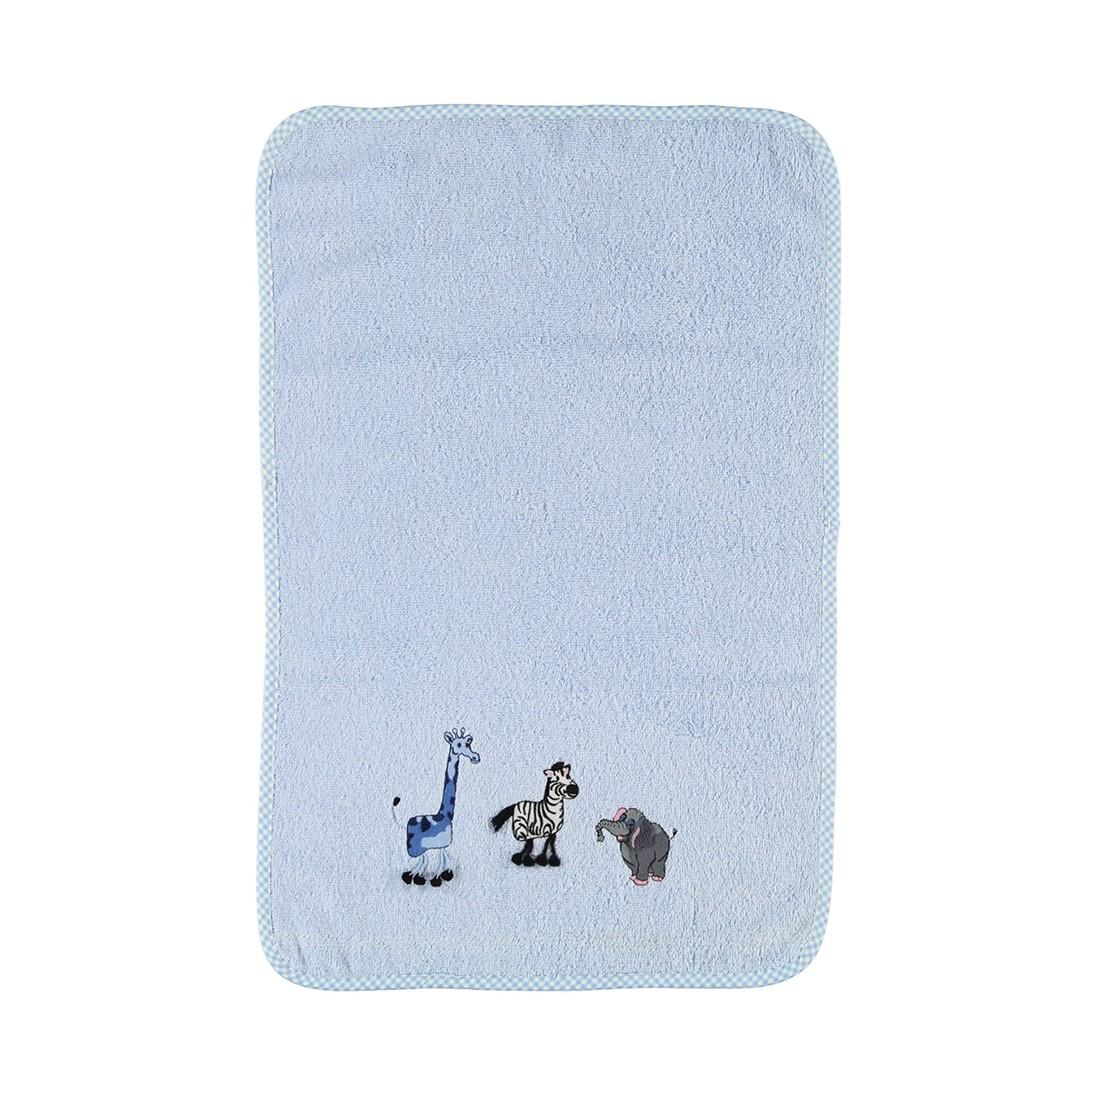 Handtuch Baby Zoo – 100% Baumwolle pale blue – 406, Vossen jetzt kaufen